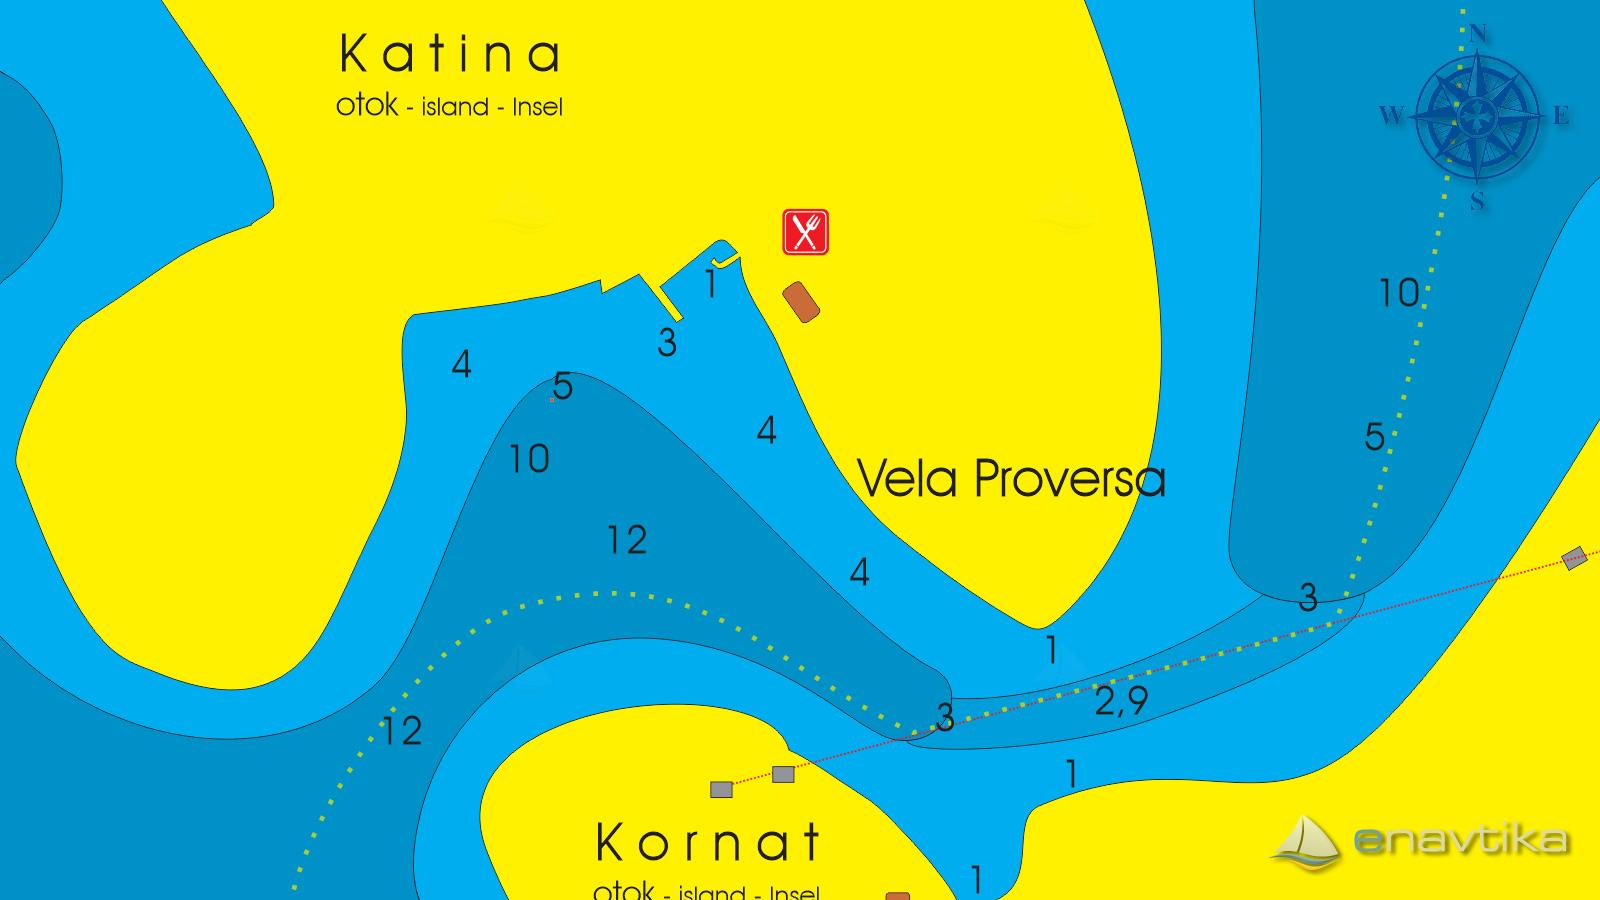 Slika Vela Proversa 2